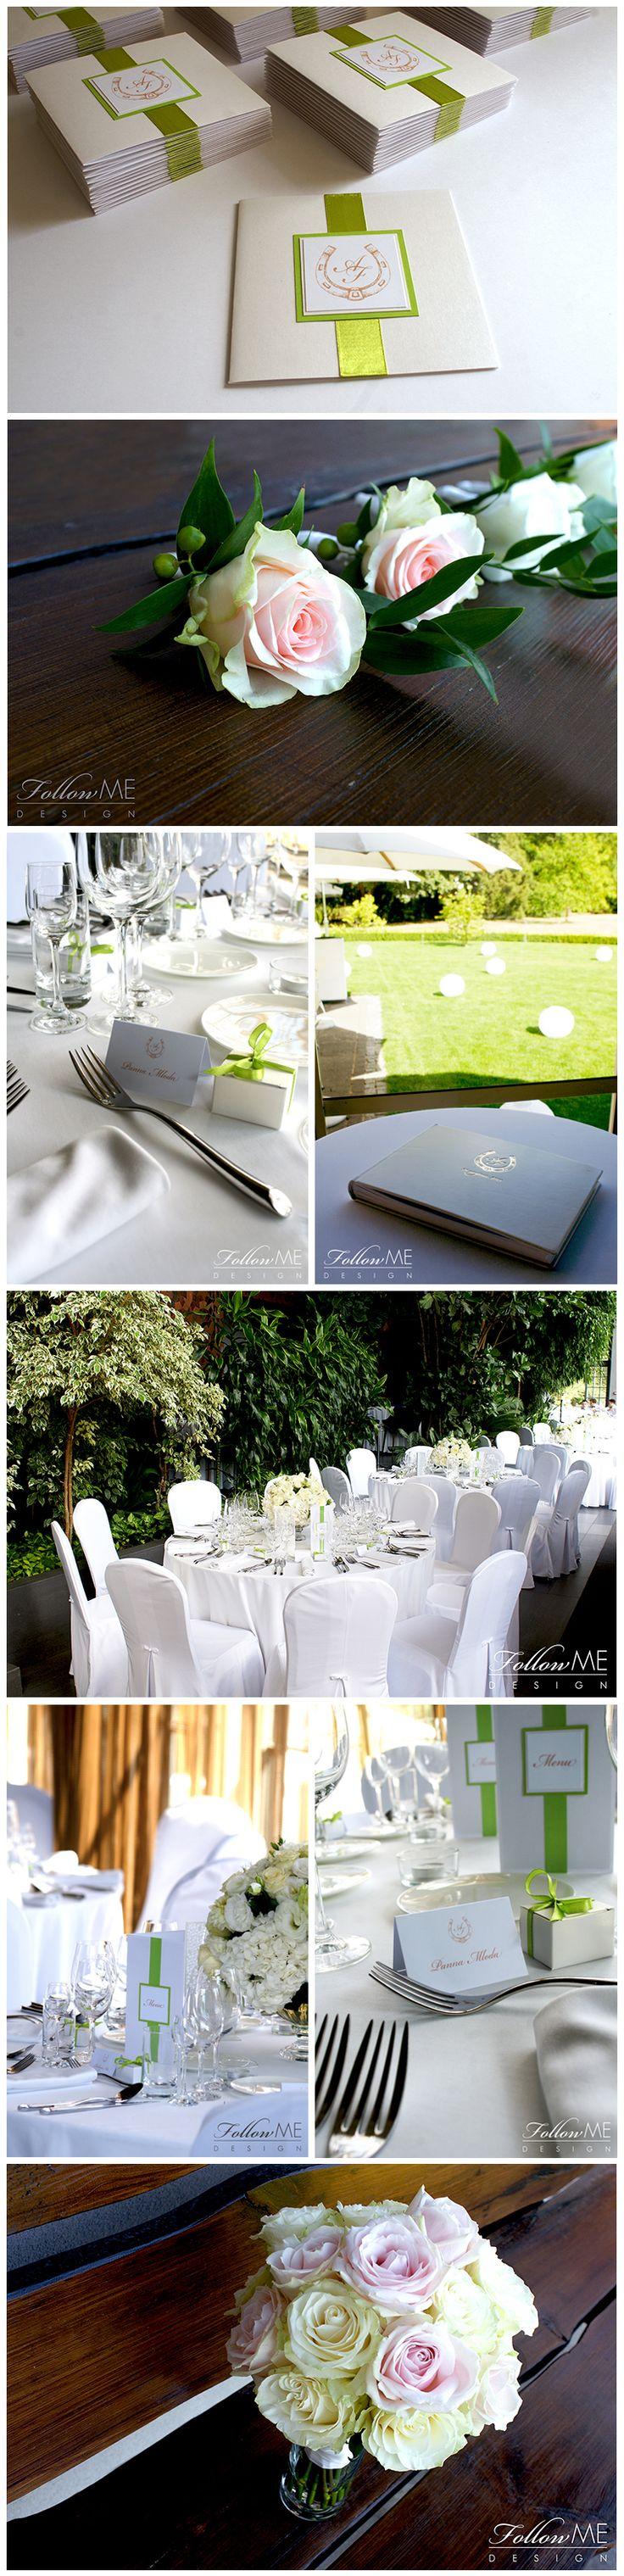 Bukiet ślubny z r³Å¼ Butonierki z r³Å¼ Winietki Karty menu Podziękowanie dla gości Eleganckie białe dekoracje ślubne od FollowMe DESIGN